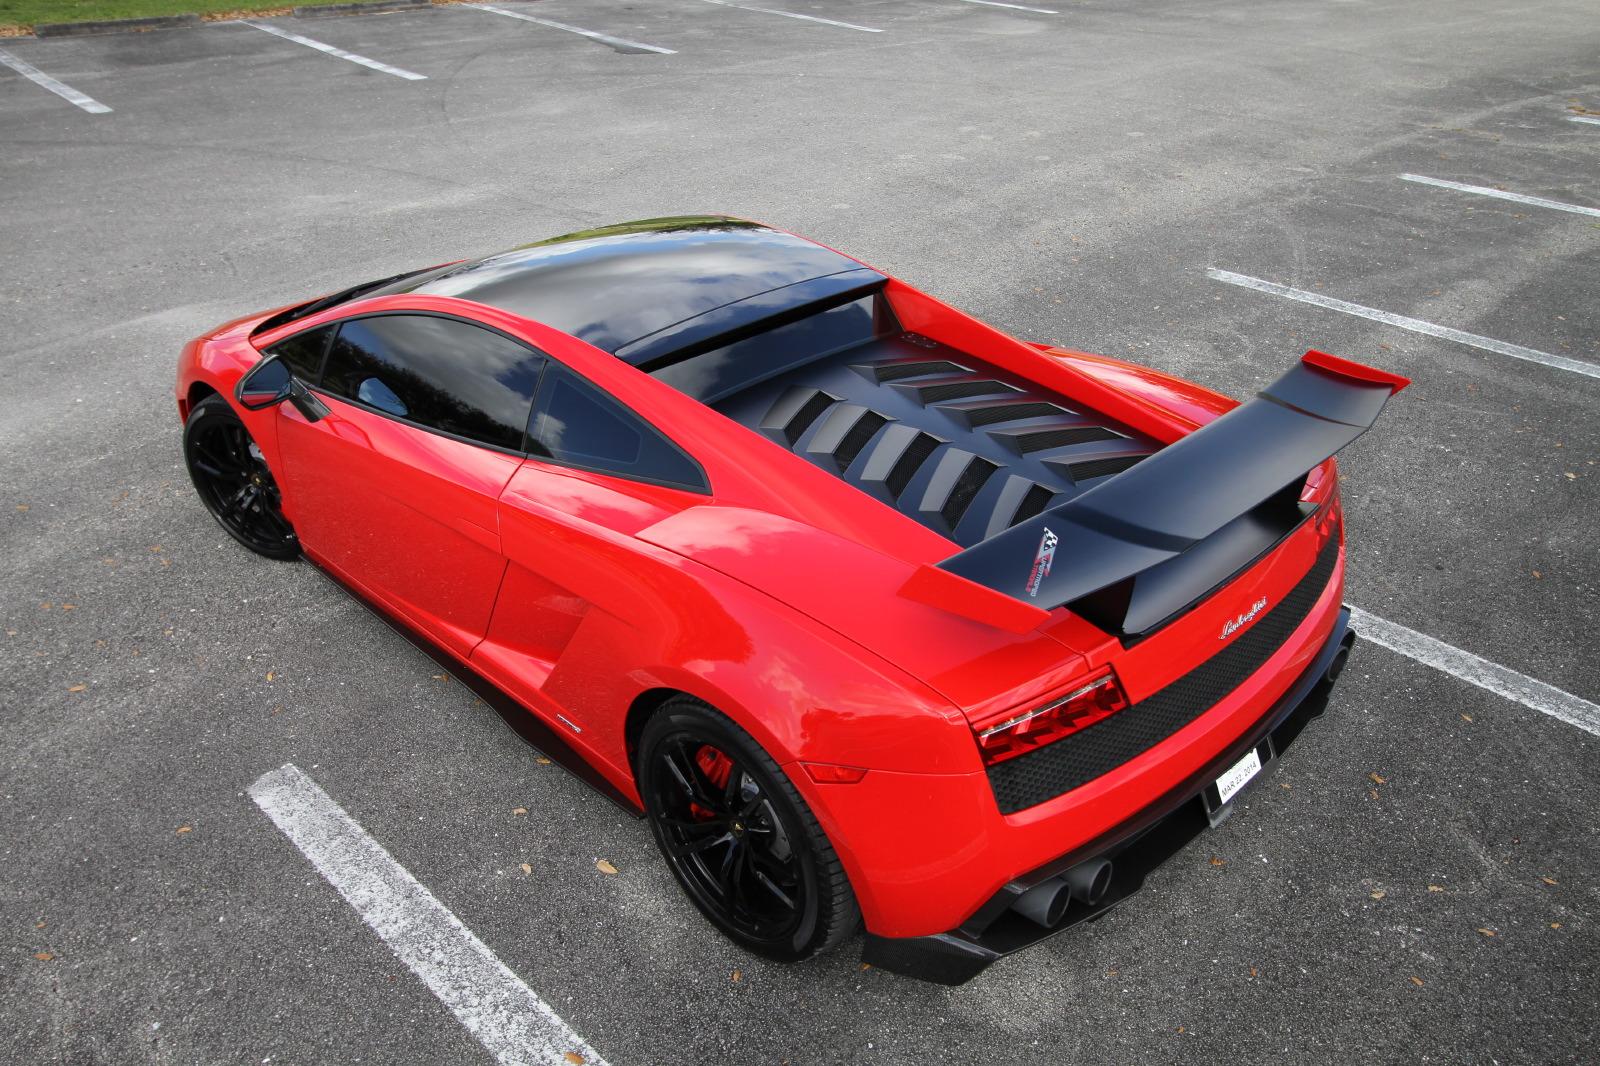 2012-lamborghini-lp570-4-super-trofeo-stradale-rosso-mars-009